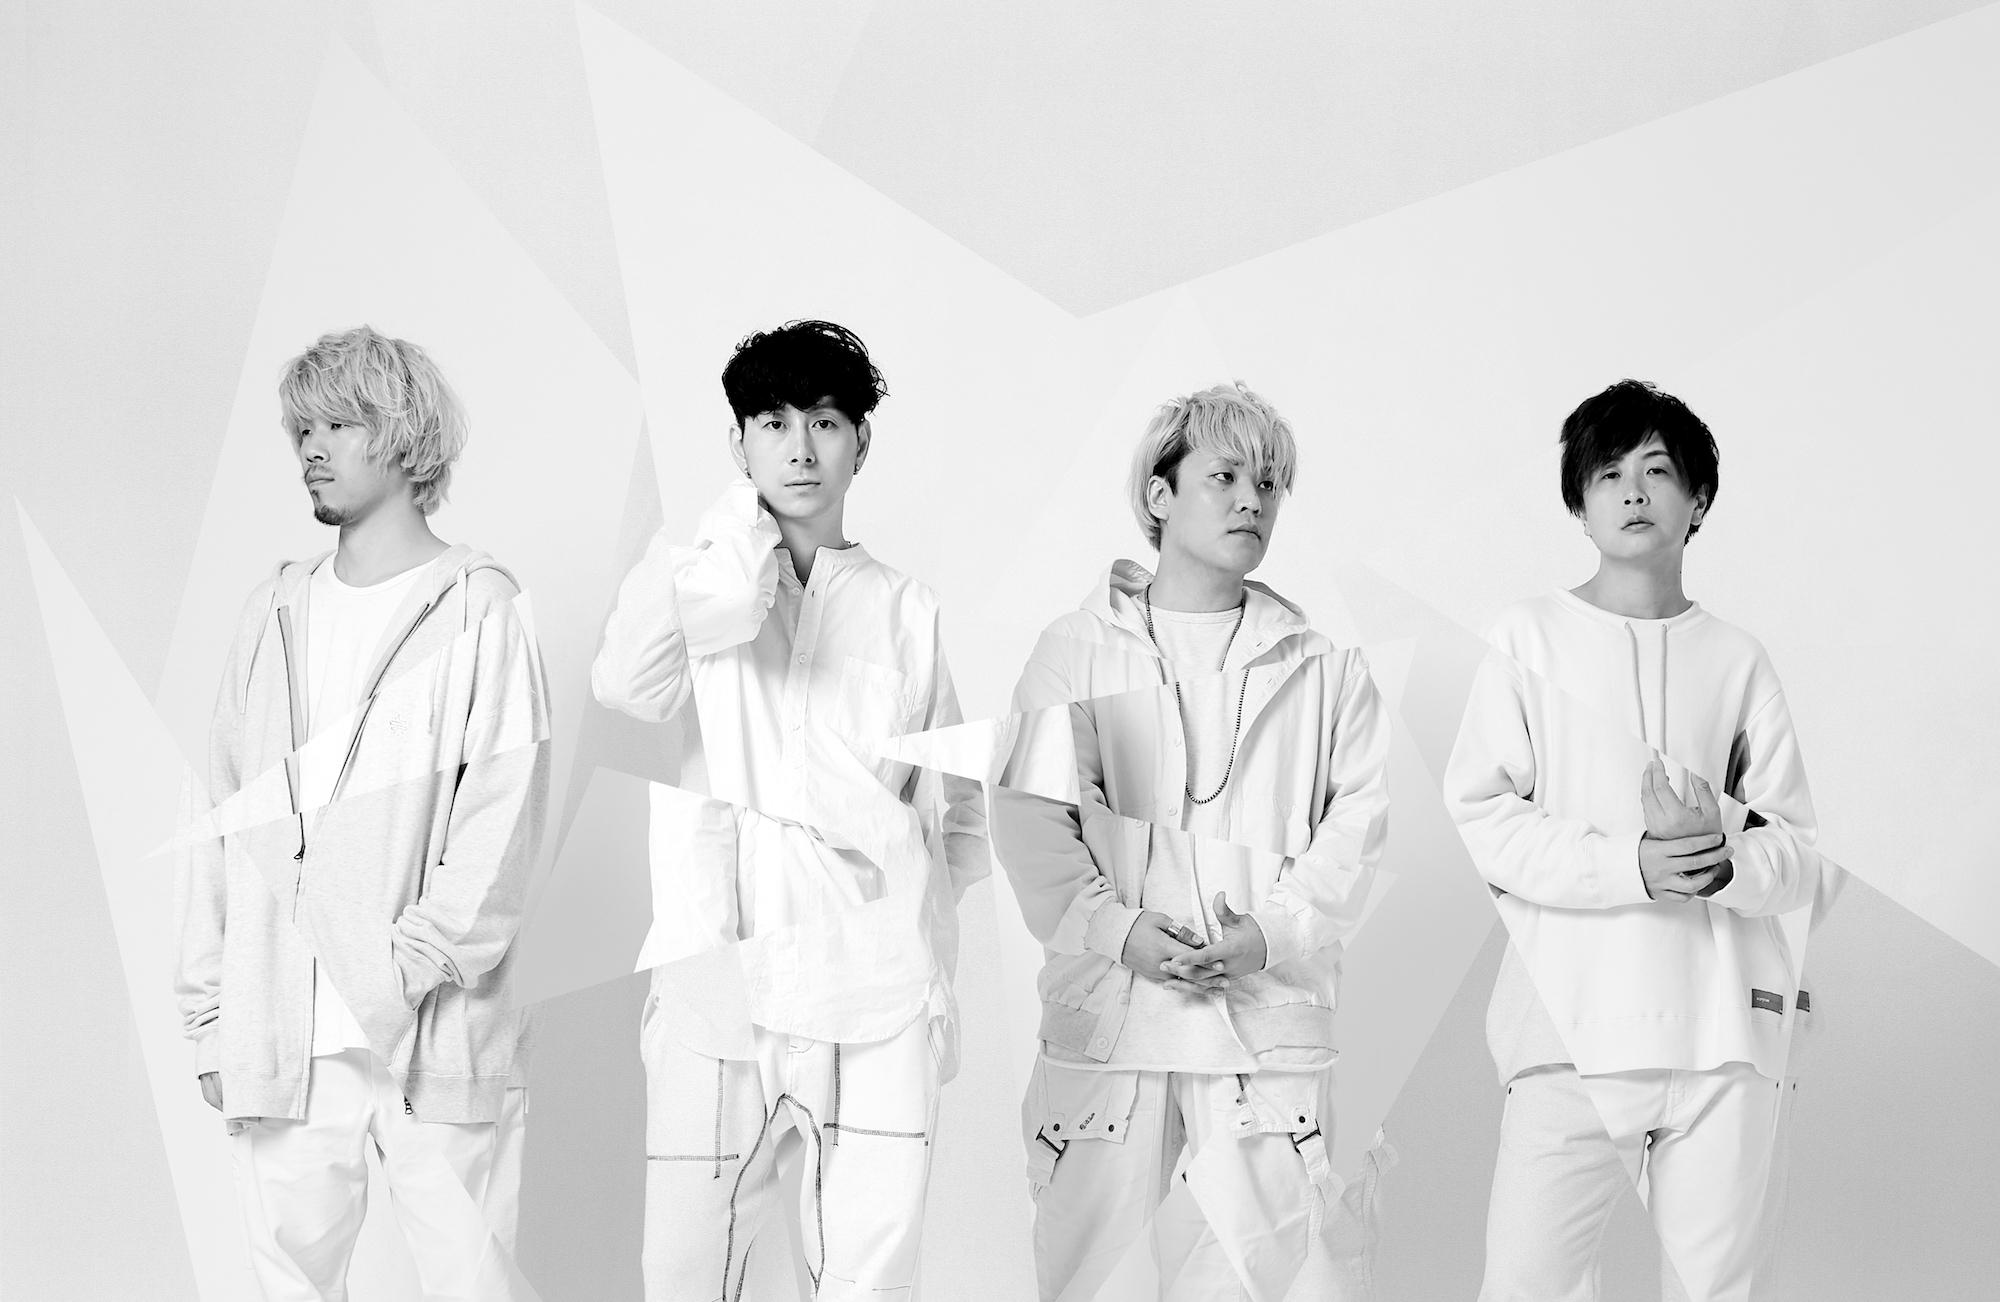 alcott NEW ALBUM 「あまのじゃくし」 リード曲選定ファン投票型MV制作プロジェクト!